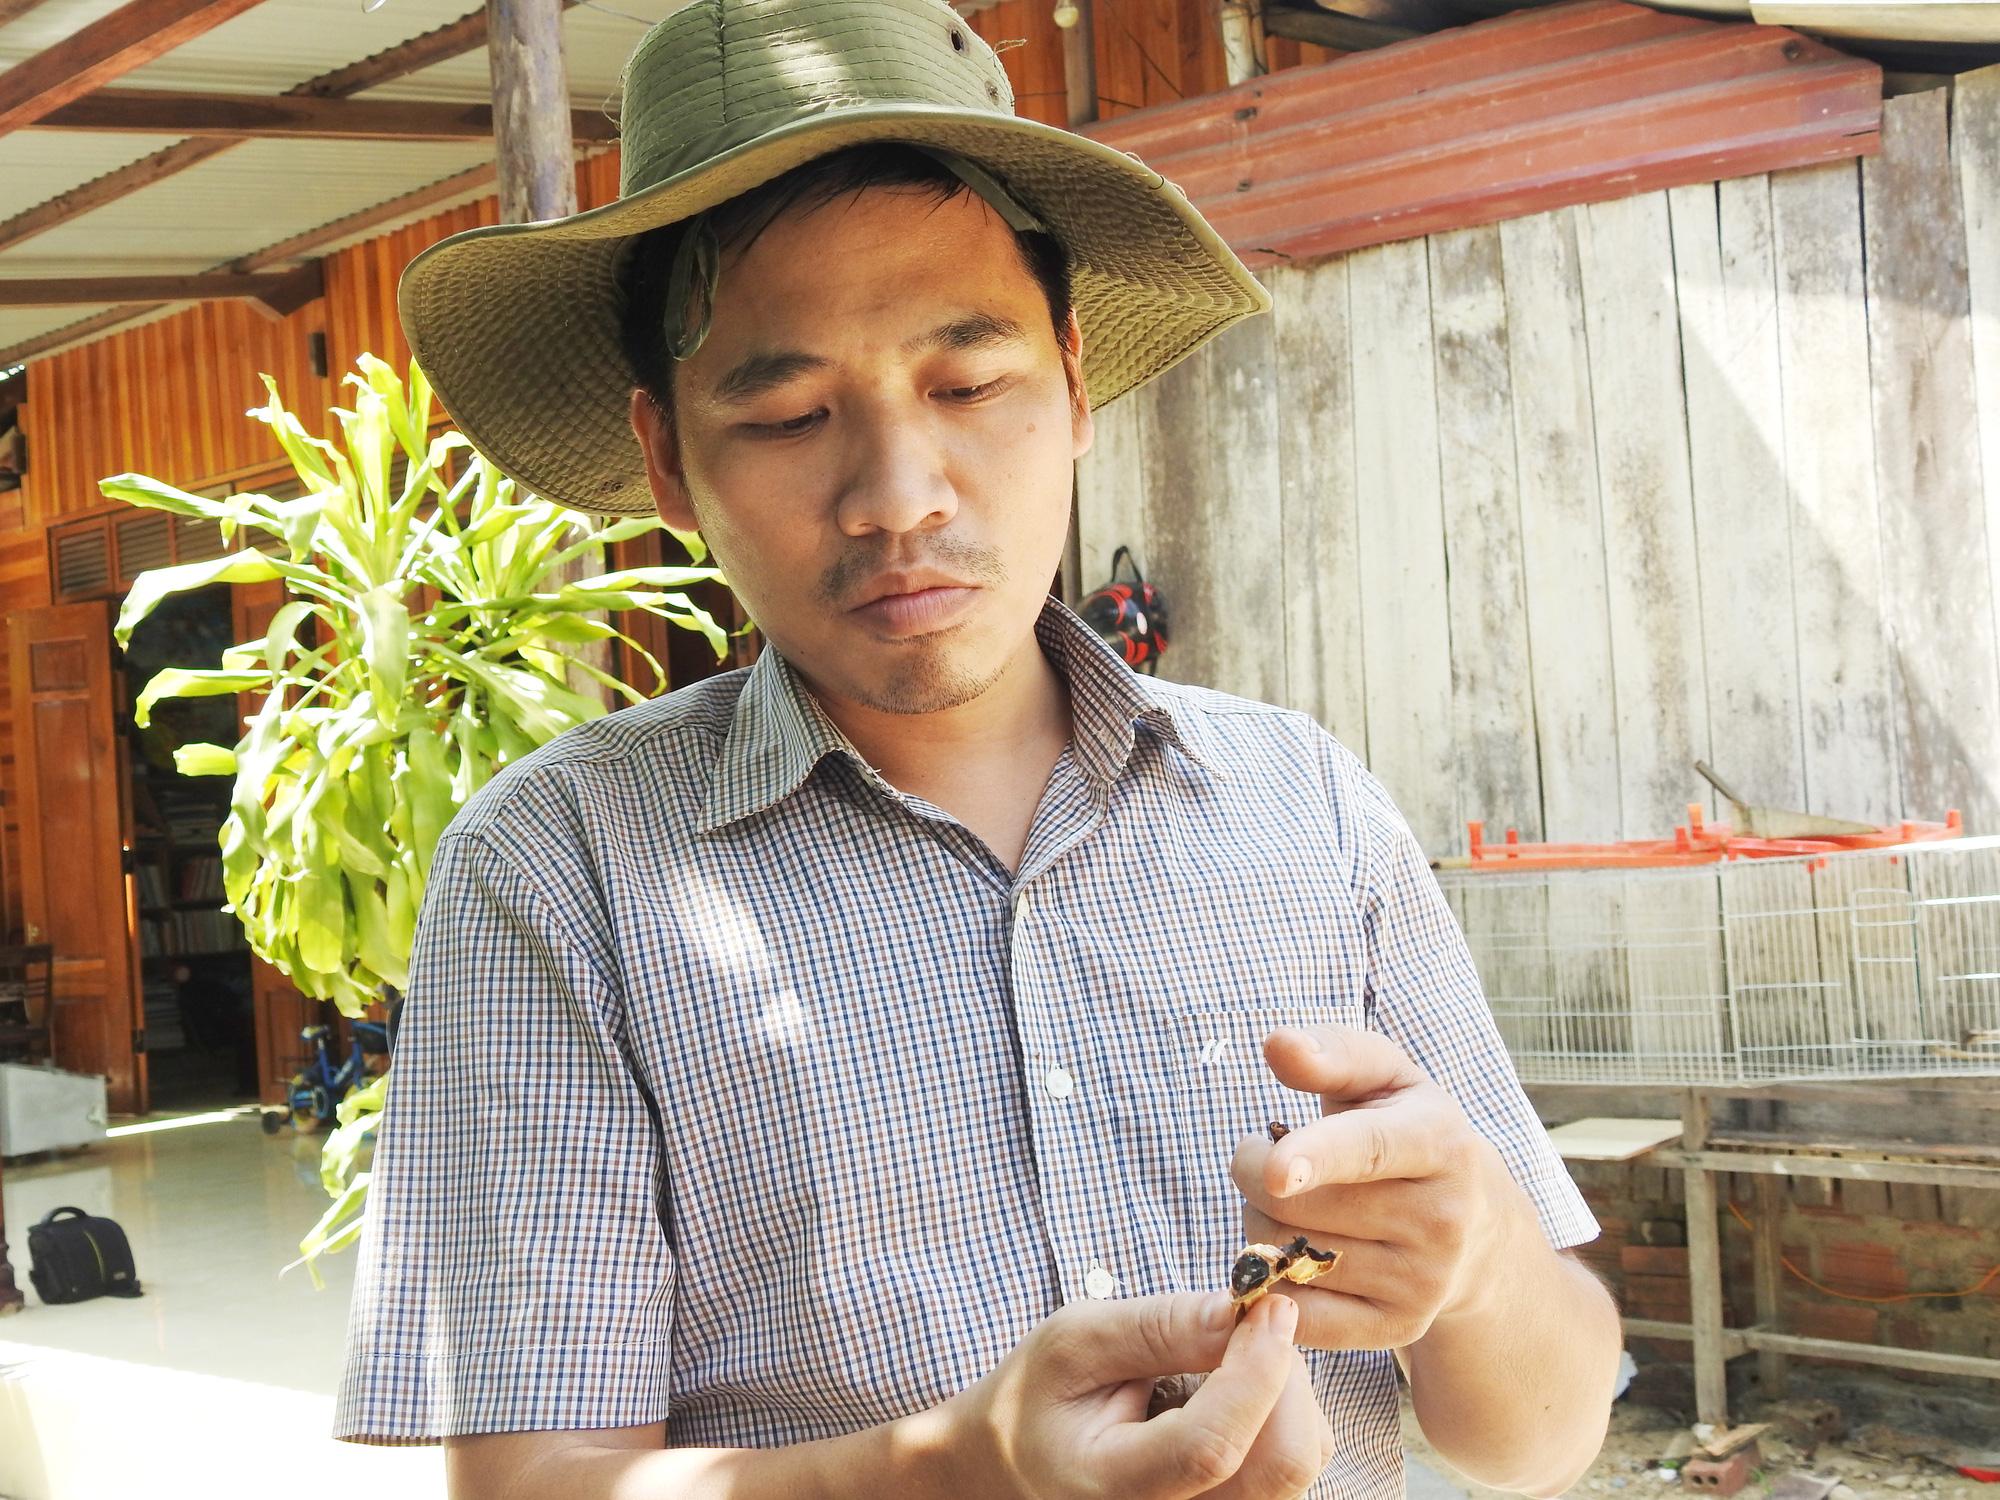 Quảng Bình: Thầy giáo trẻ đam mê nghiên cứu khoa học - Ảnh 1.